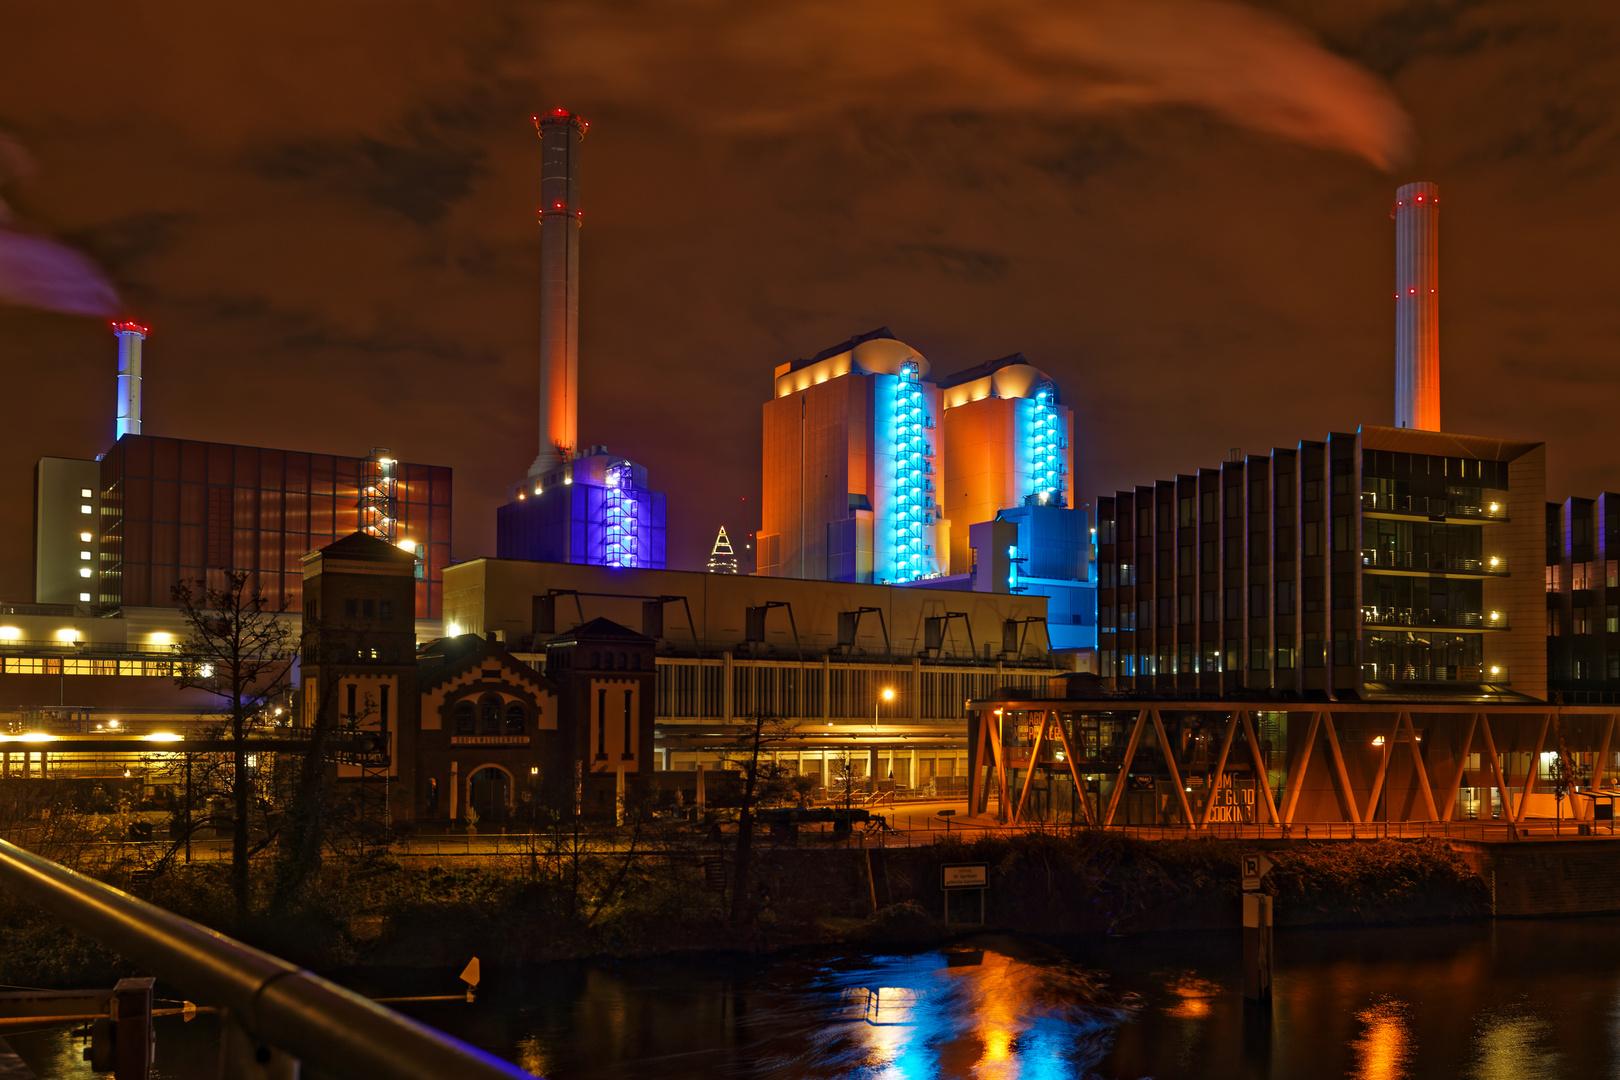 Das Fernwärme-Heizkraftwerk in Frankfurt bei Nacht